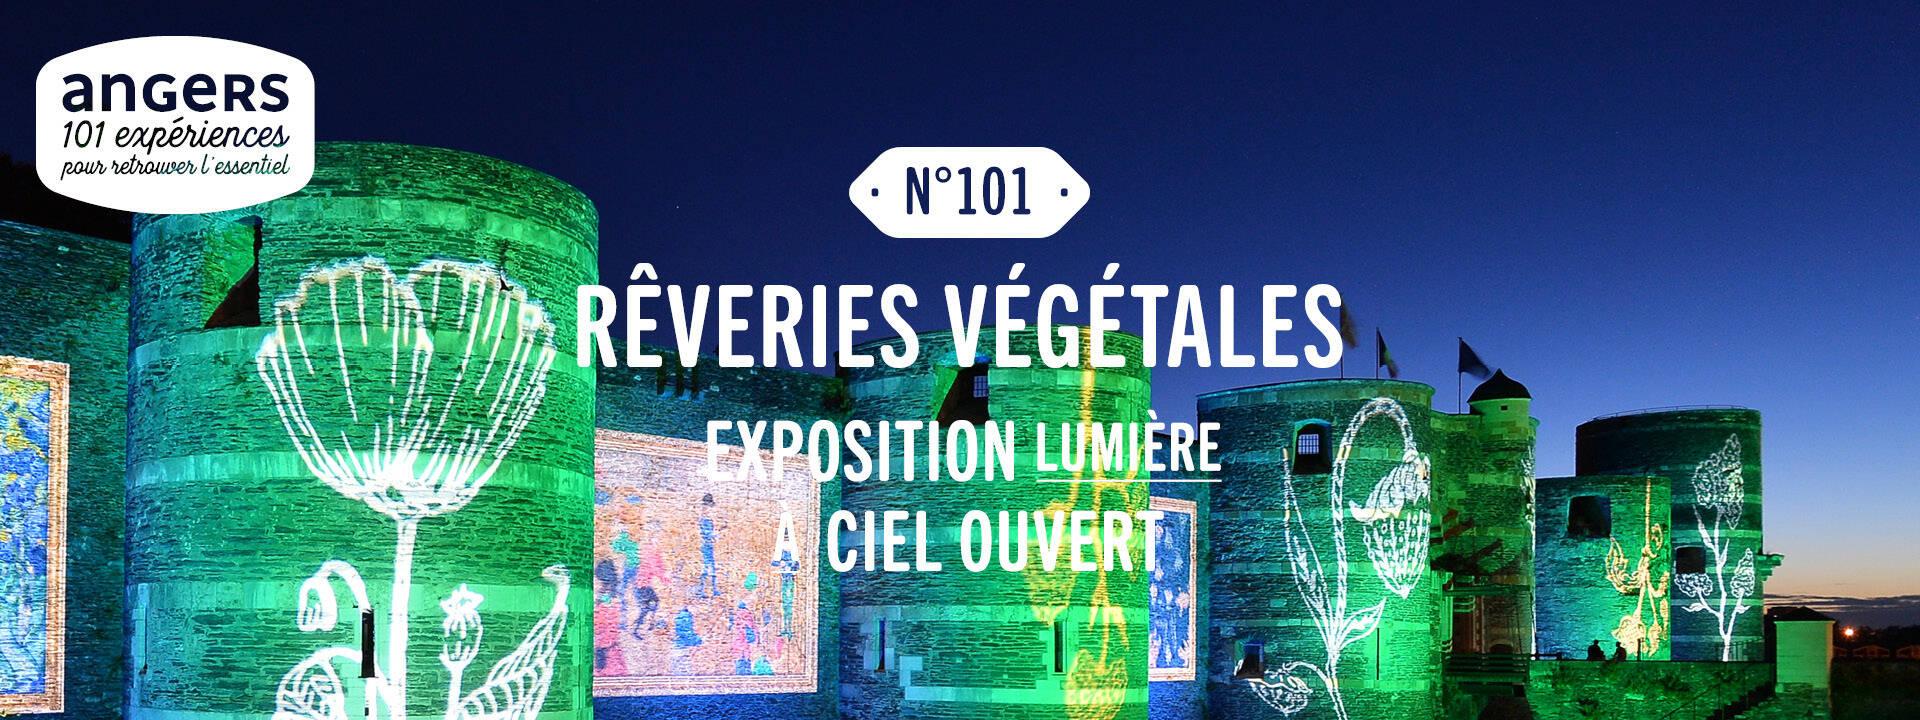 Rêveries végétales, illuminations de l'été Angers